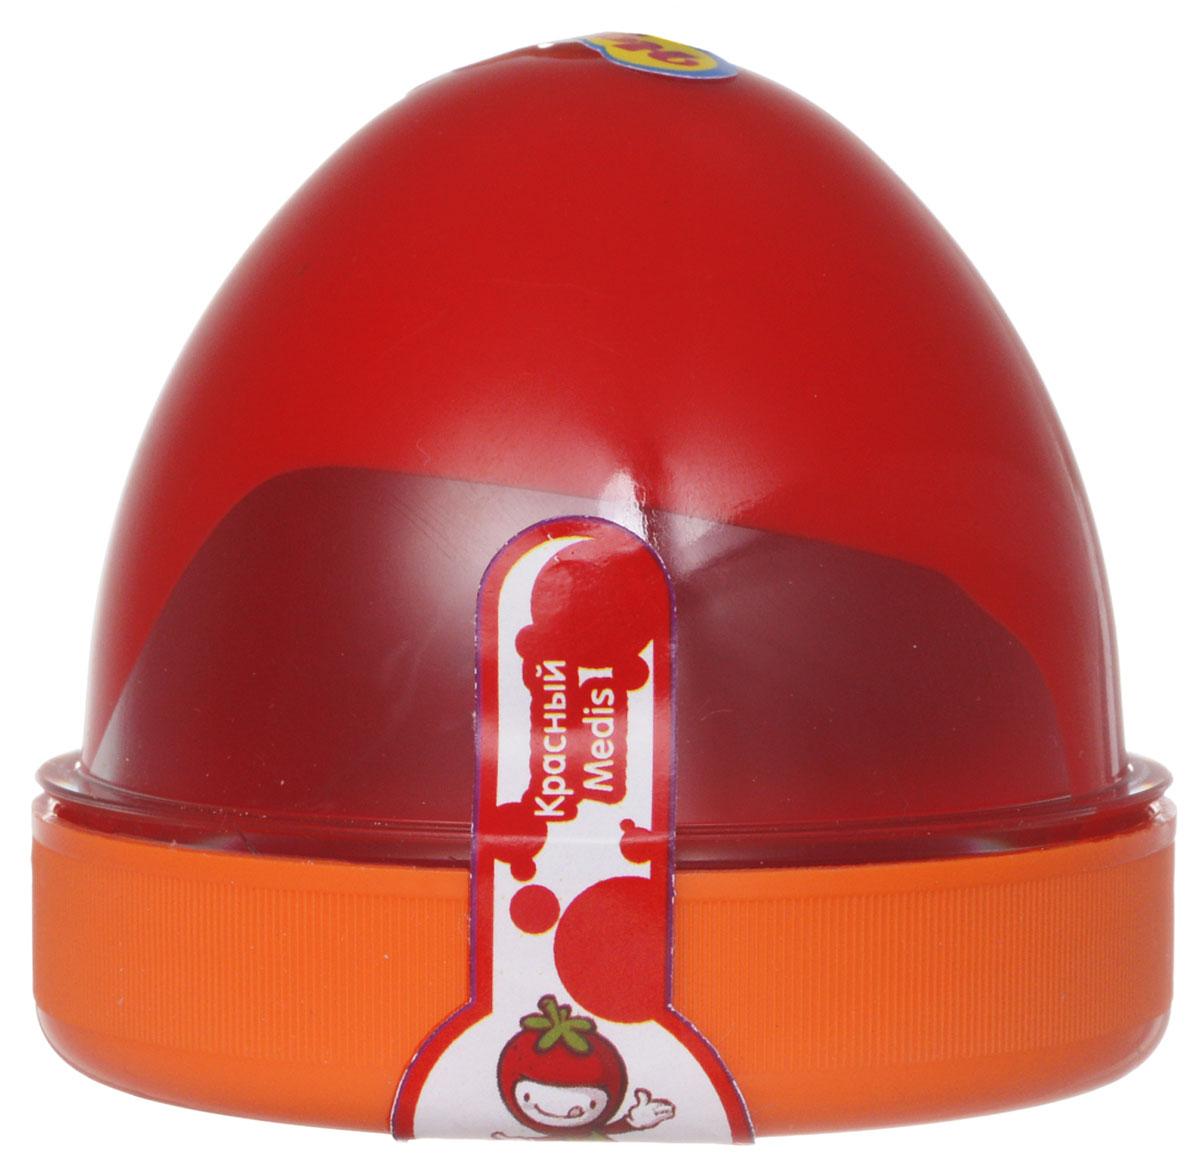 """Жвачка для рук """"ТМ HandGum"""", цвет: красный, с запахом клубники, 35 г"""